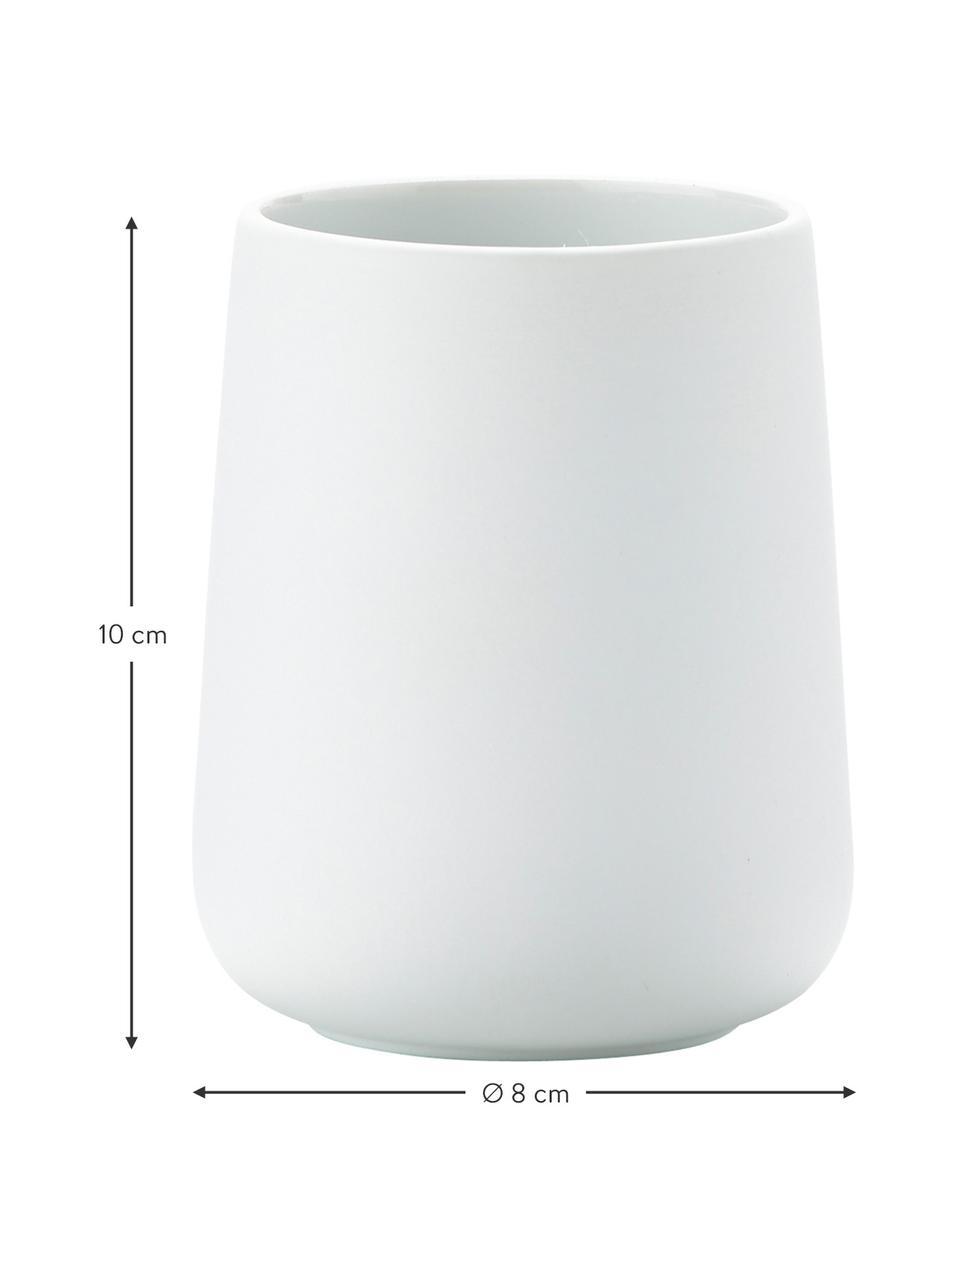 Porzellan-Zahnputzbecher Nova, Porzellan, Weiß, matt, Ø 8 x H 10 cm